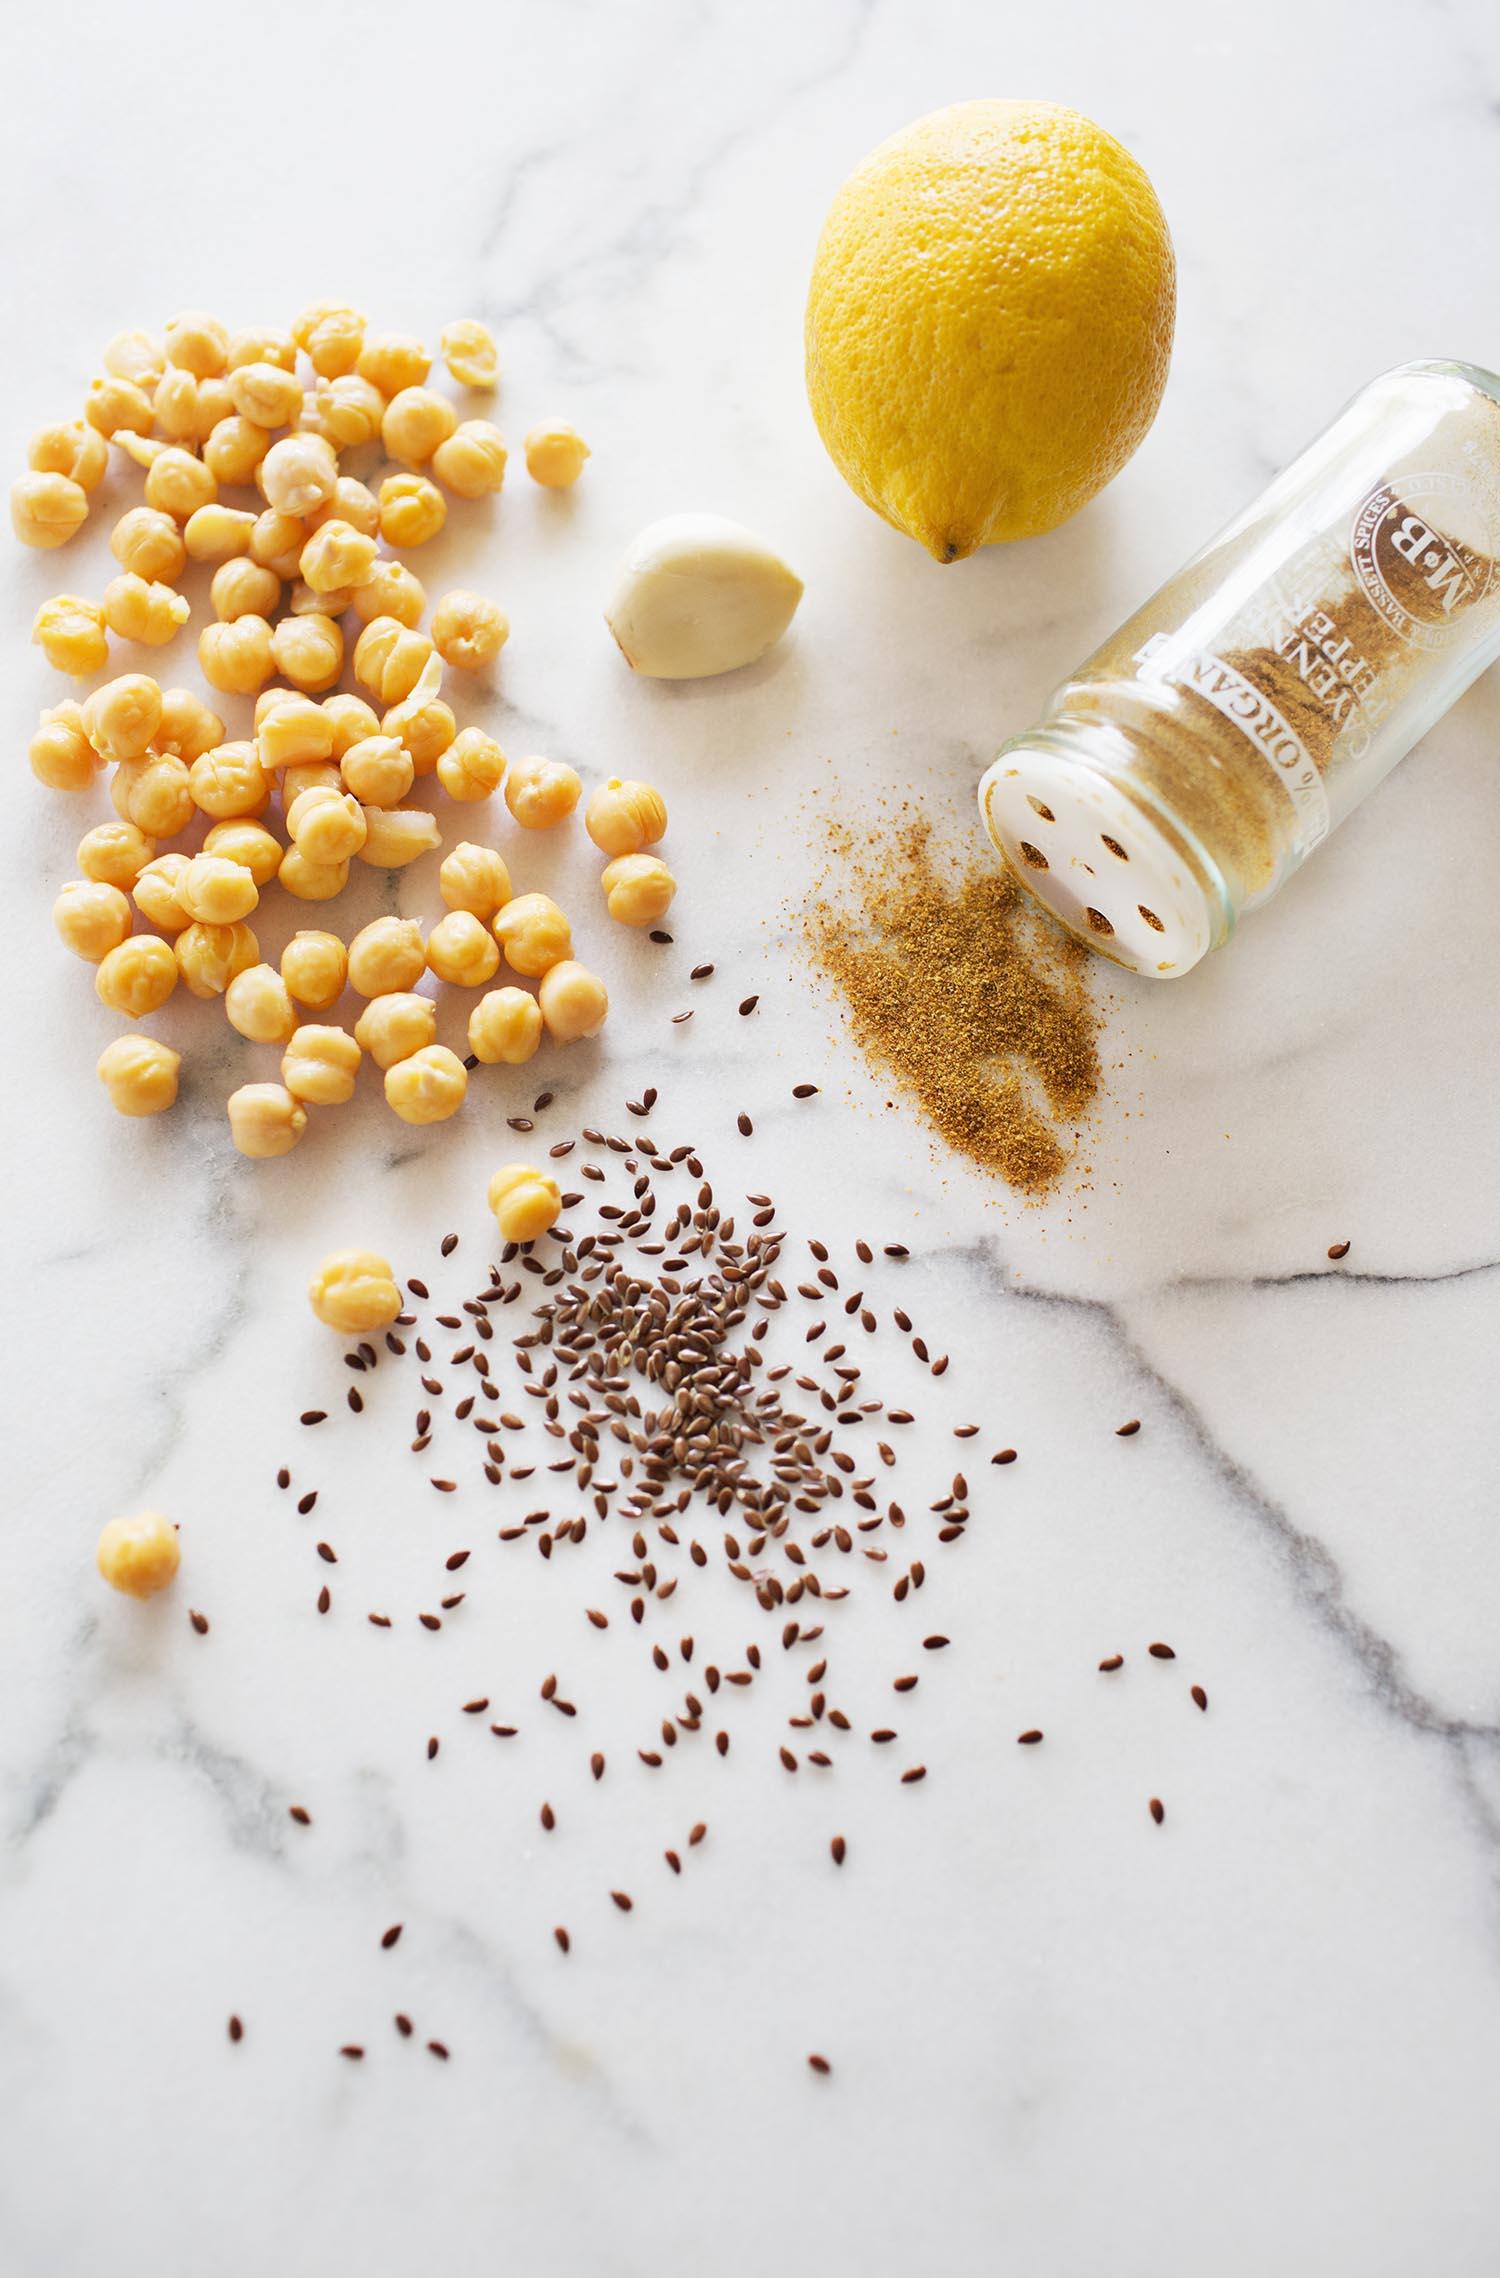 Simple hummus ingredients